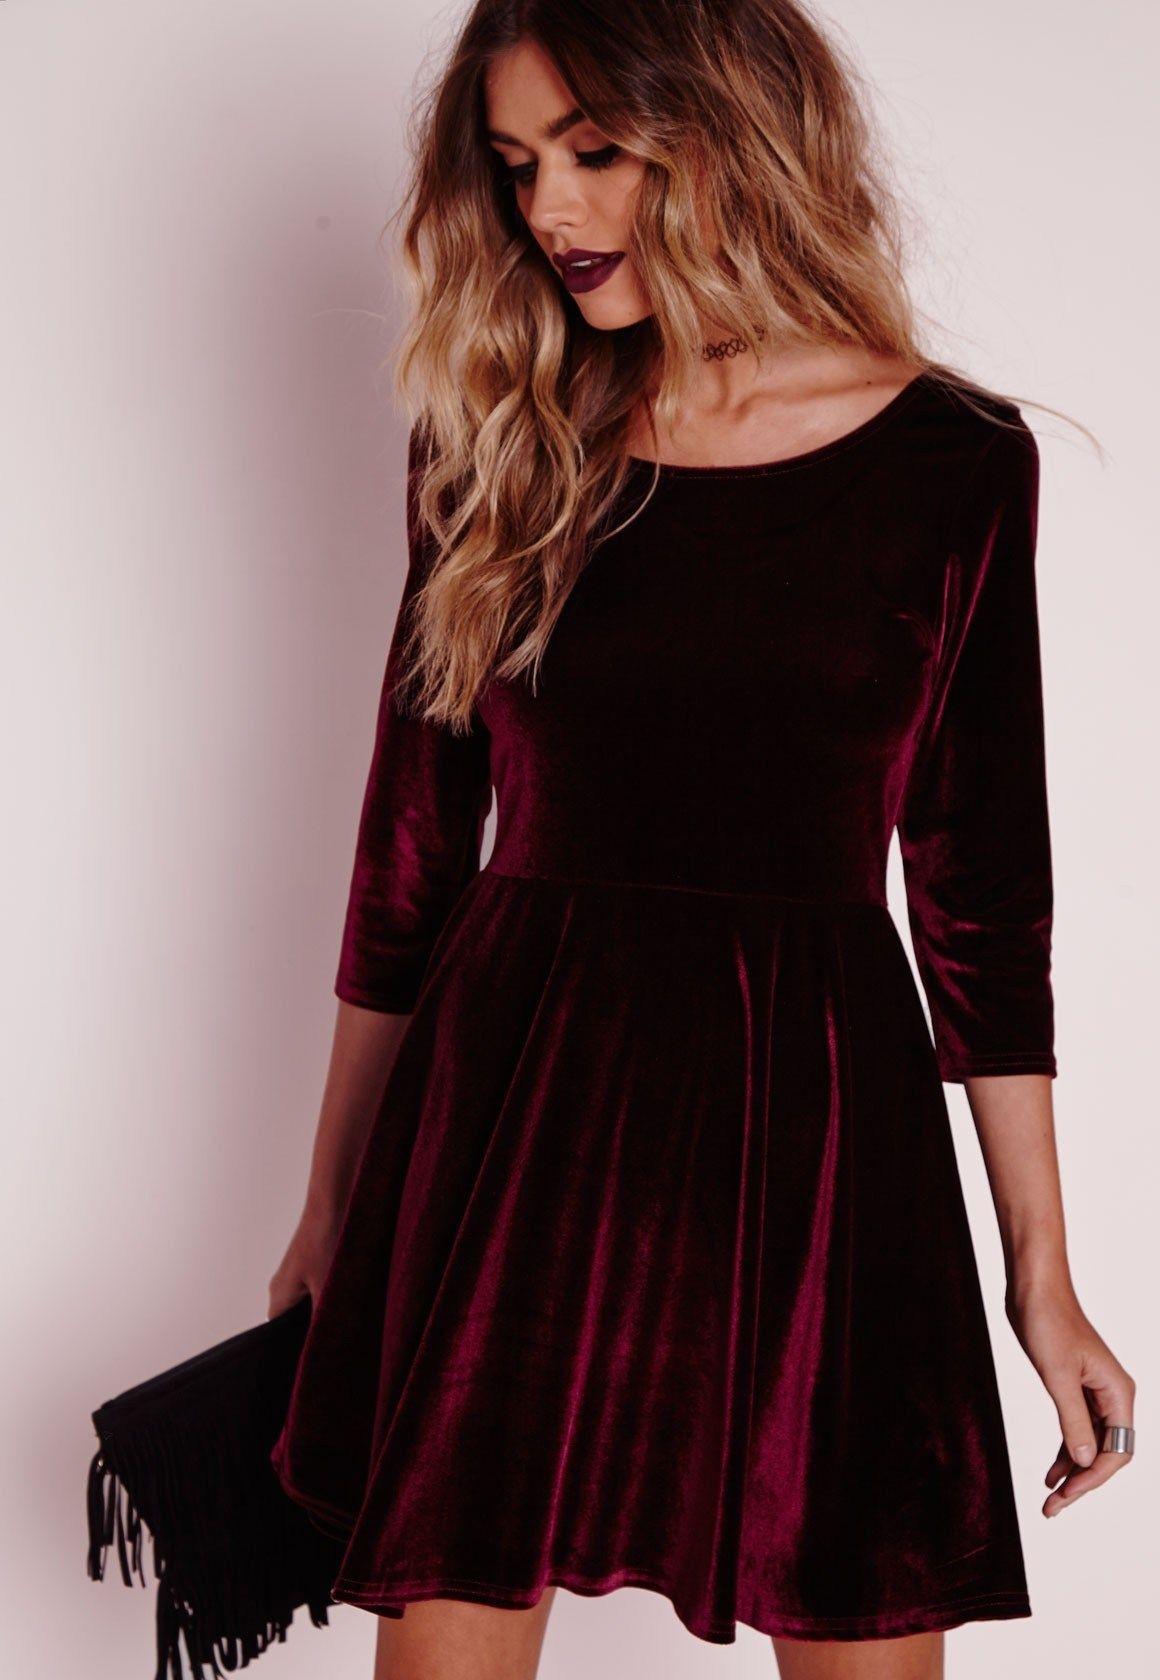 Designer Top Festliche Kleidung Herbst für 2019Designer Kreativ Festliche Kleidung Herbst Boutique